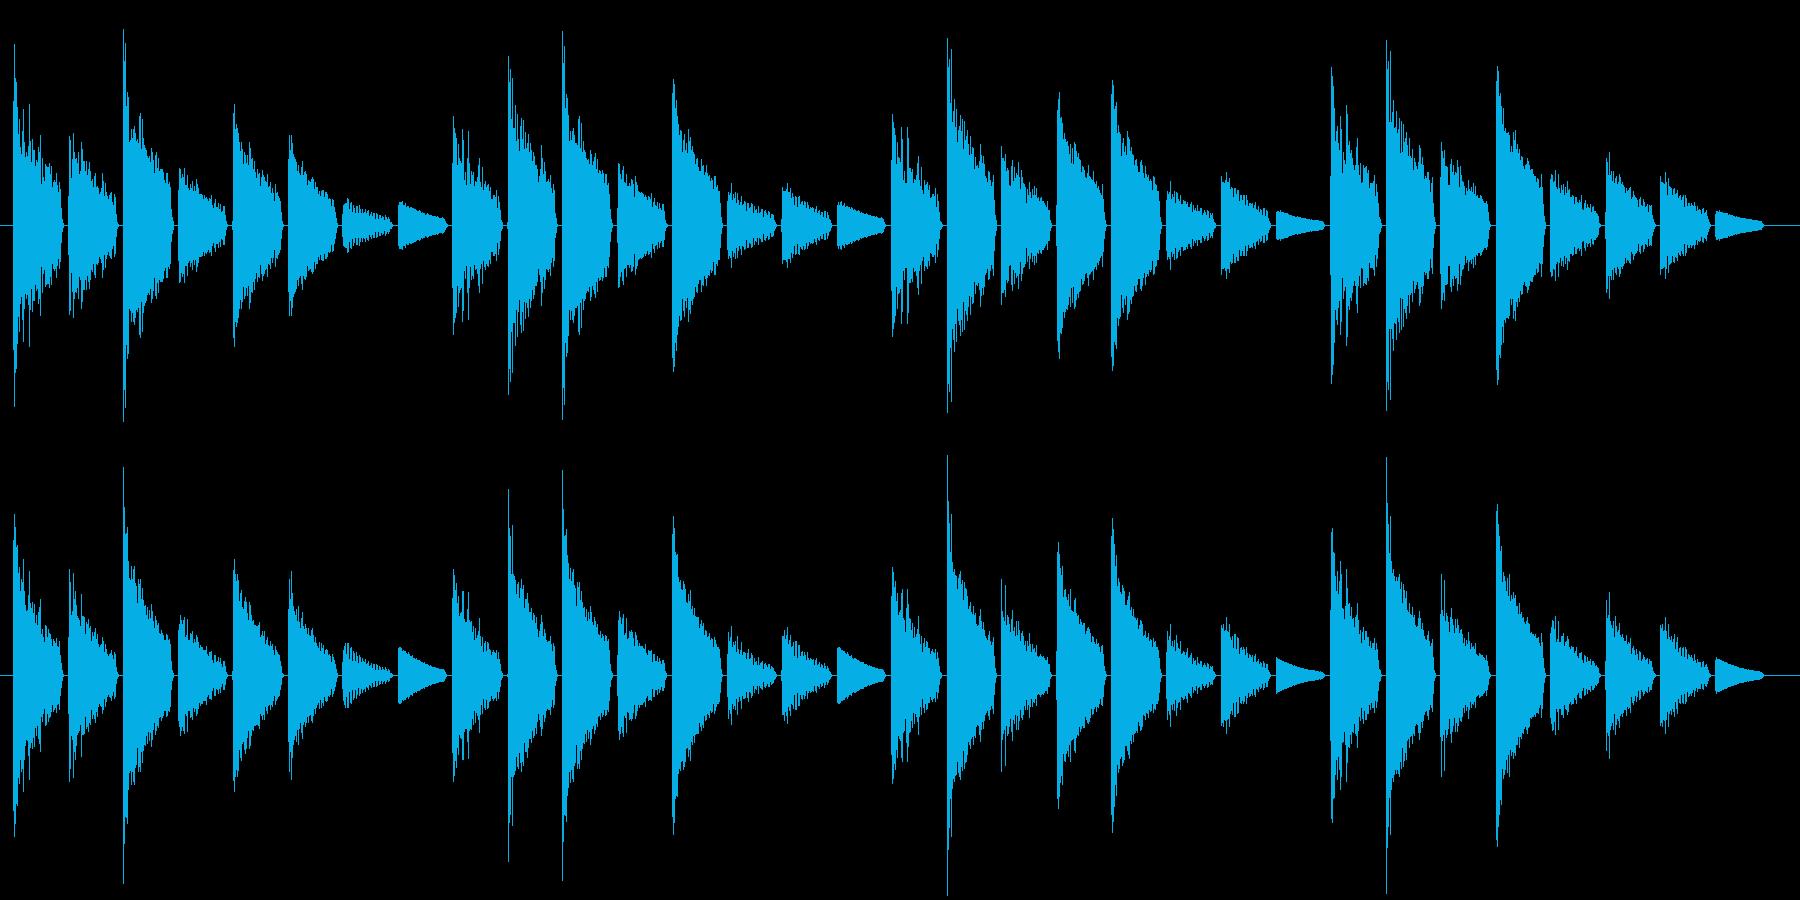 危険を知らせるアラート音(警戒度:低)の再生済みの波形